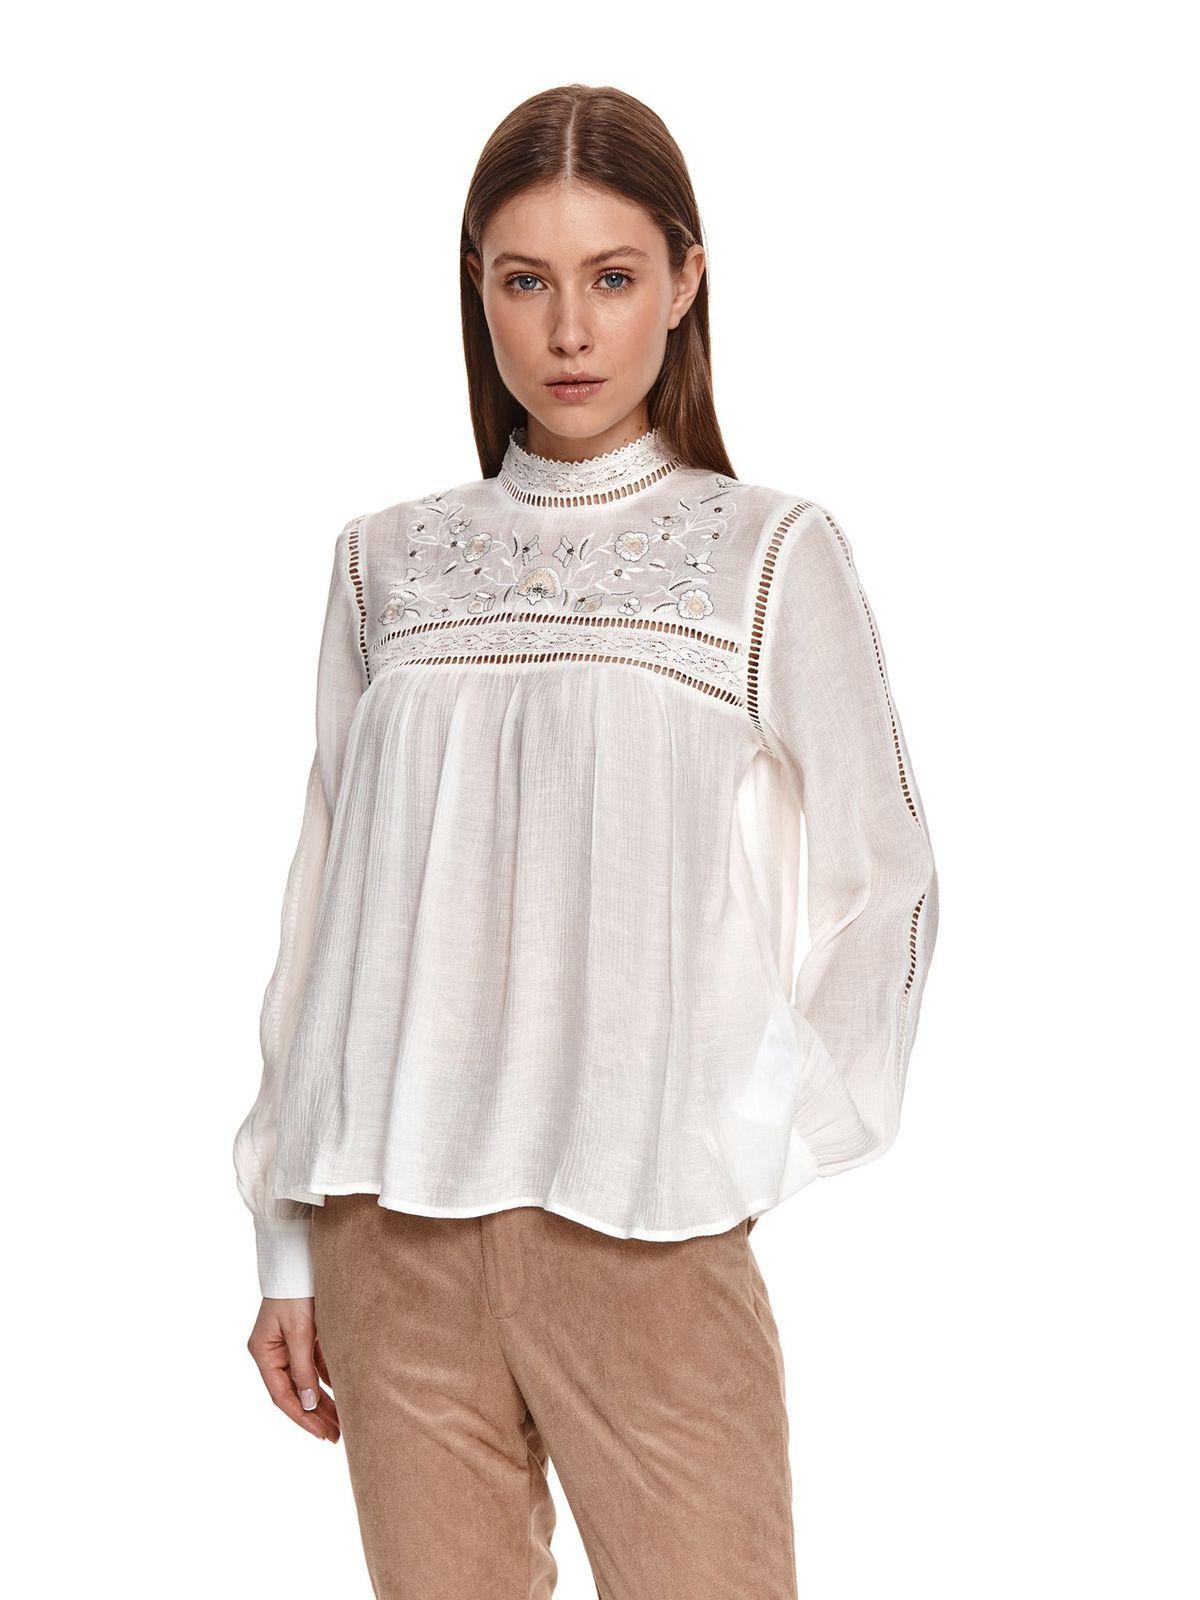 Bluza dama Top Secret ivoire cu croi larg din material subtire cu maneci lungi